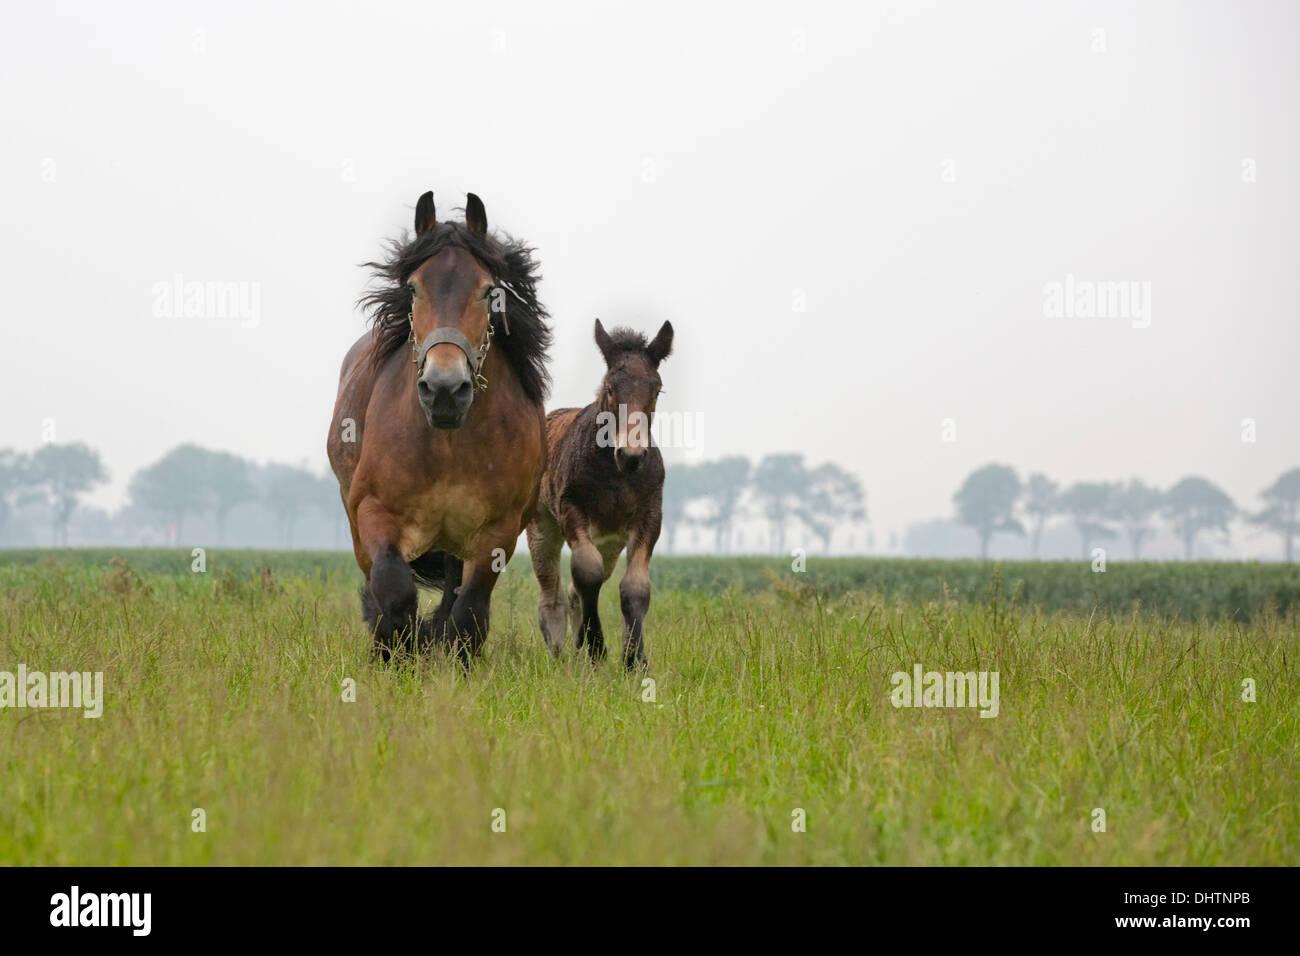 Netherlands, Noordbeemster, Beemster Polder, UNESCO World Heritage Site. Belgian or Zeeland draft horses - Stock Image